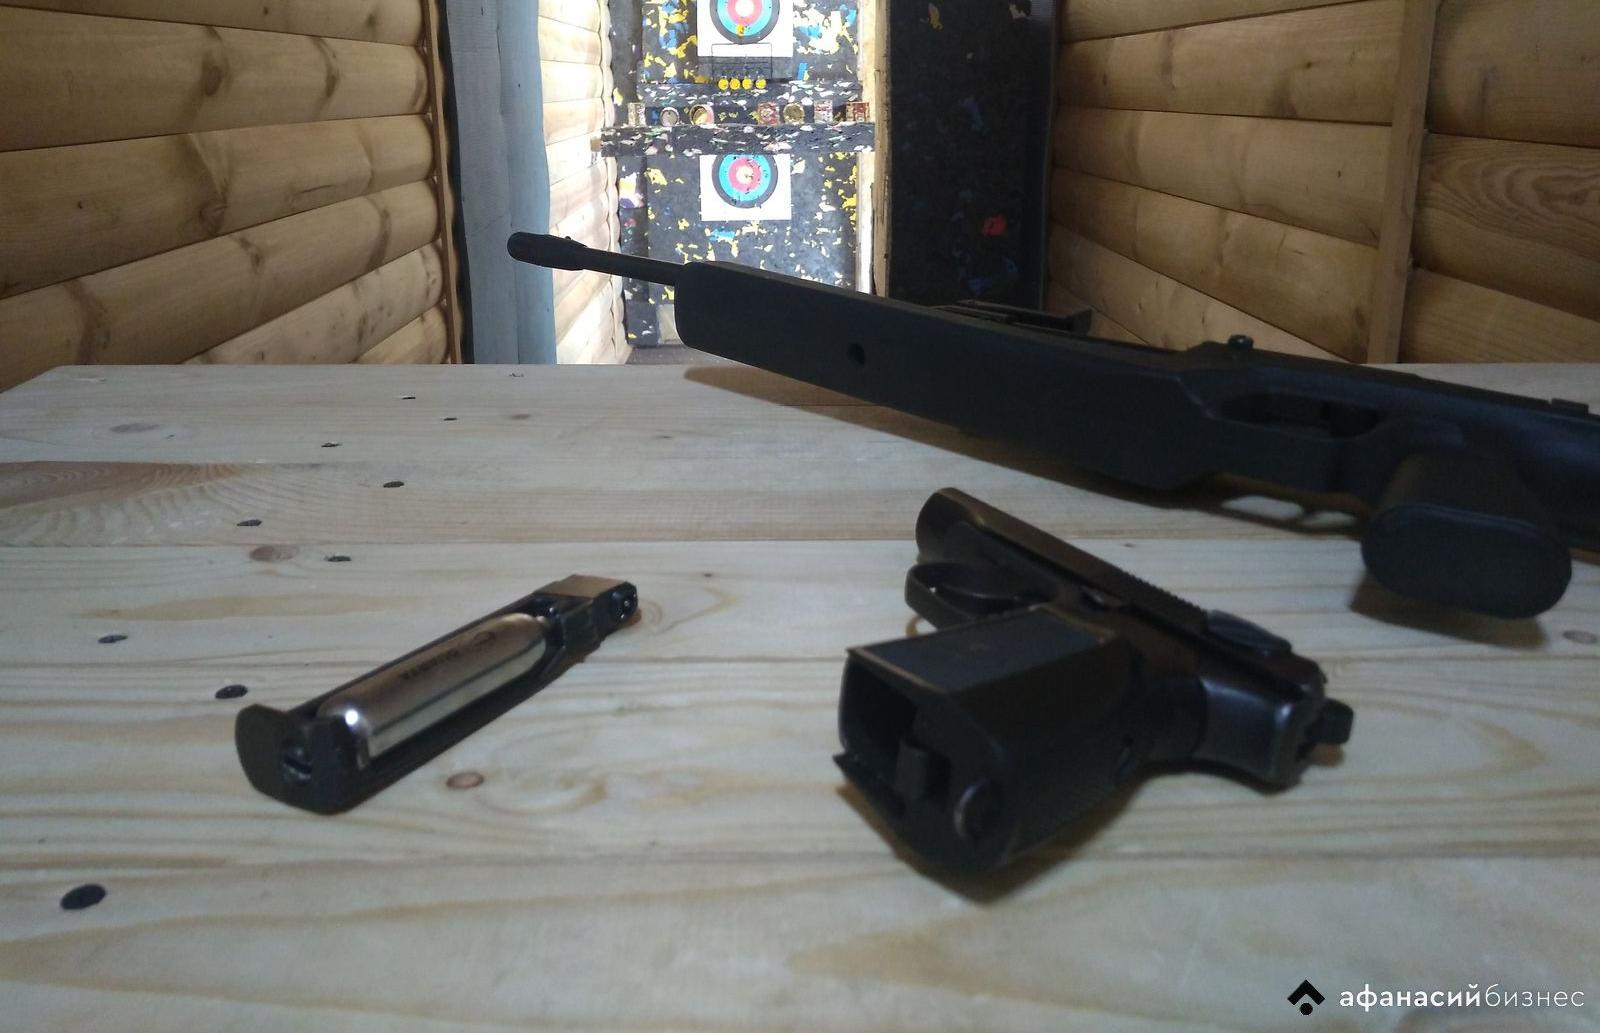 В Госдуме предложили штрафовать за незаконное пневматическое и холодное оружие - новости Афанасий